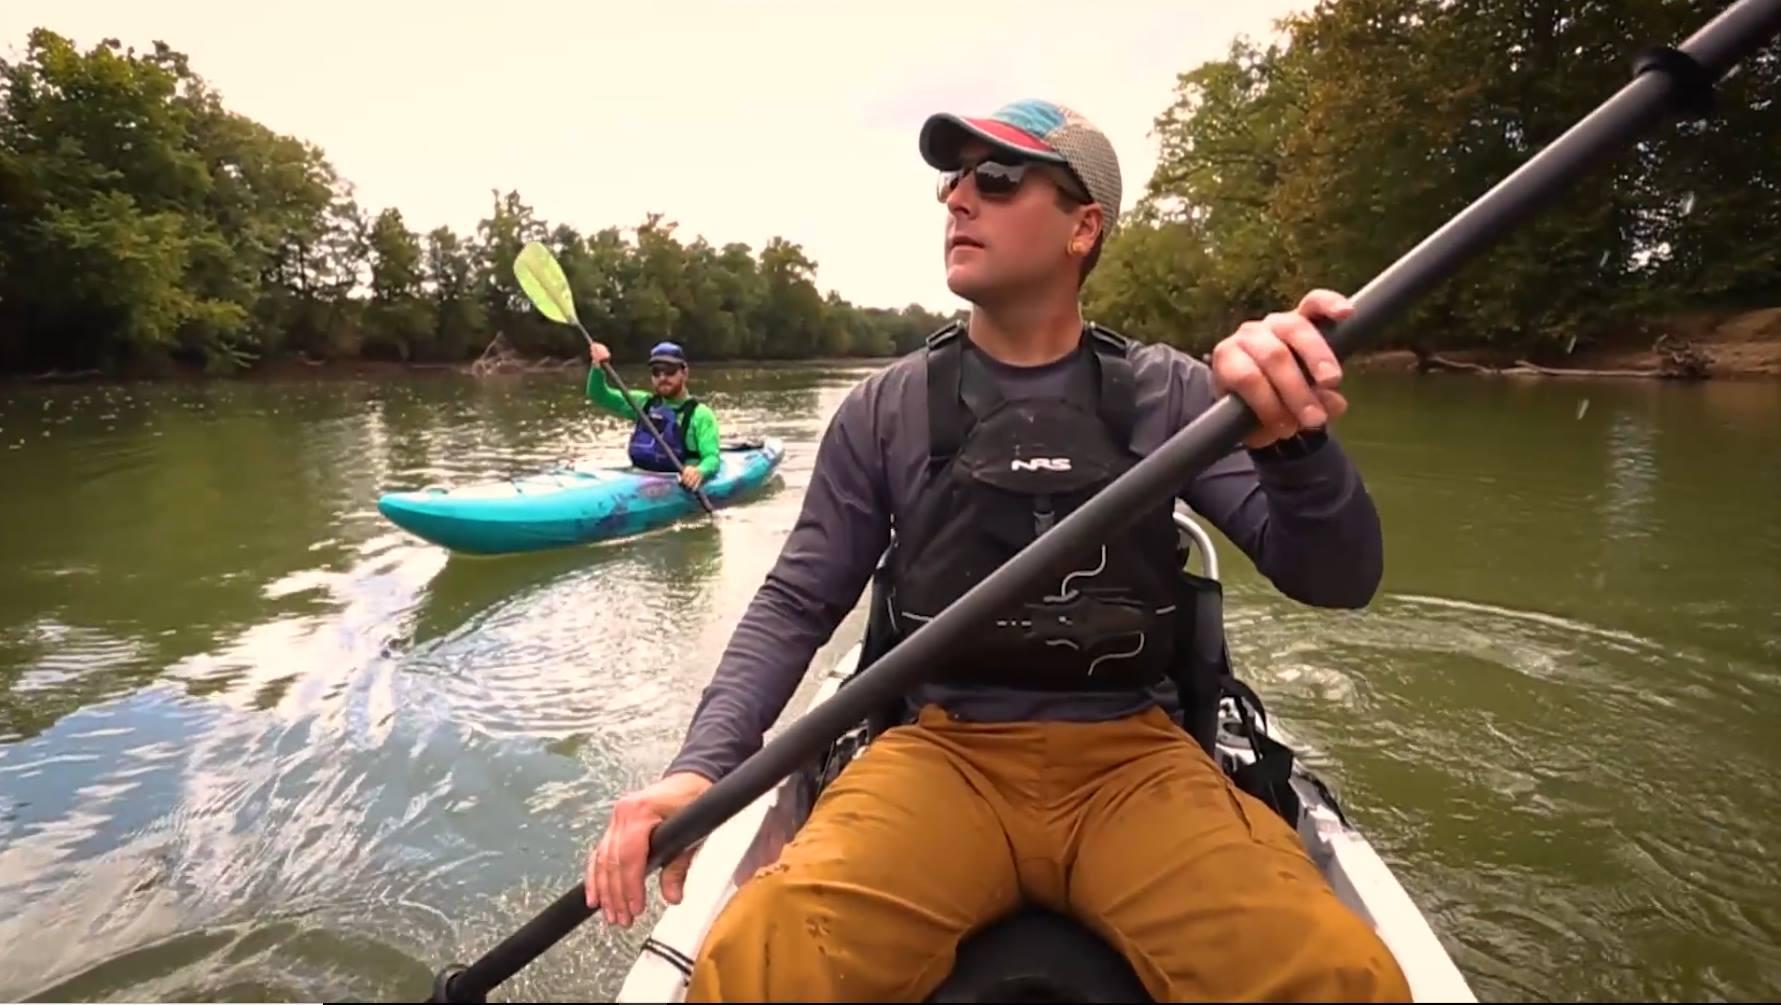 paddling in a jackson kaya on kentucky lake.jpg